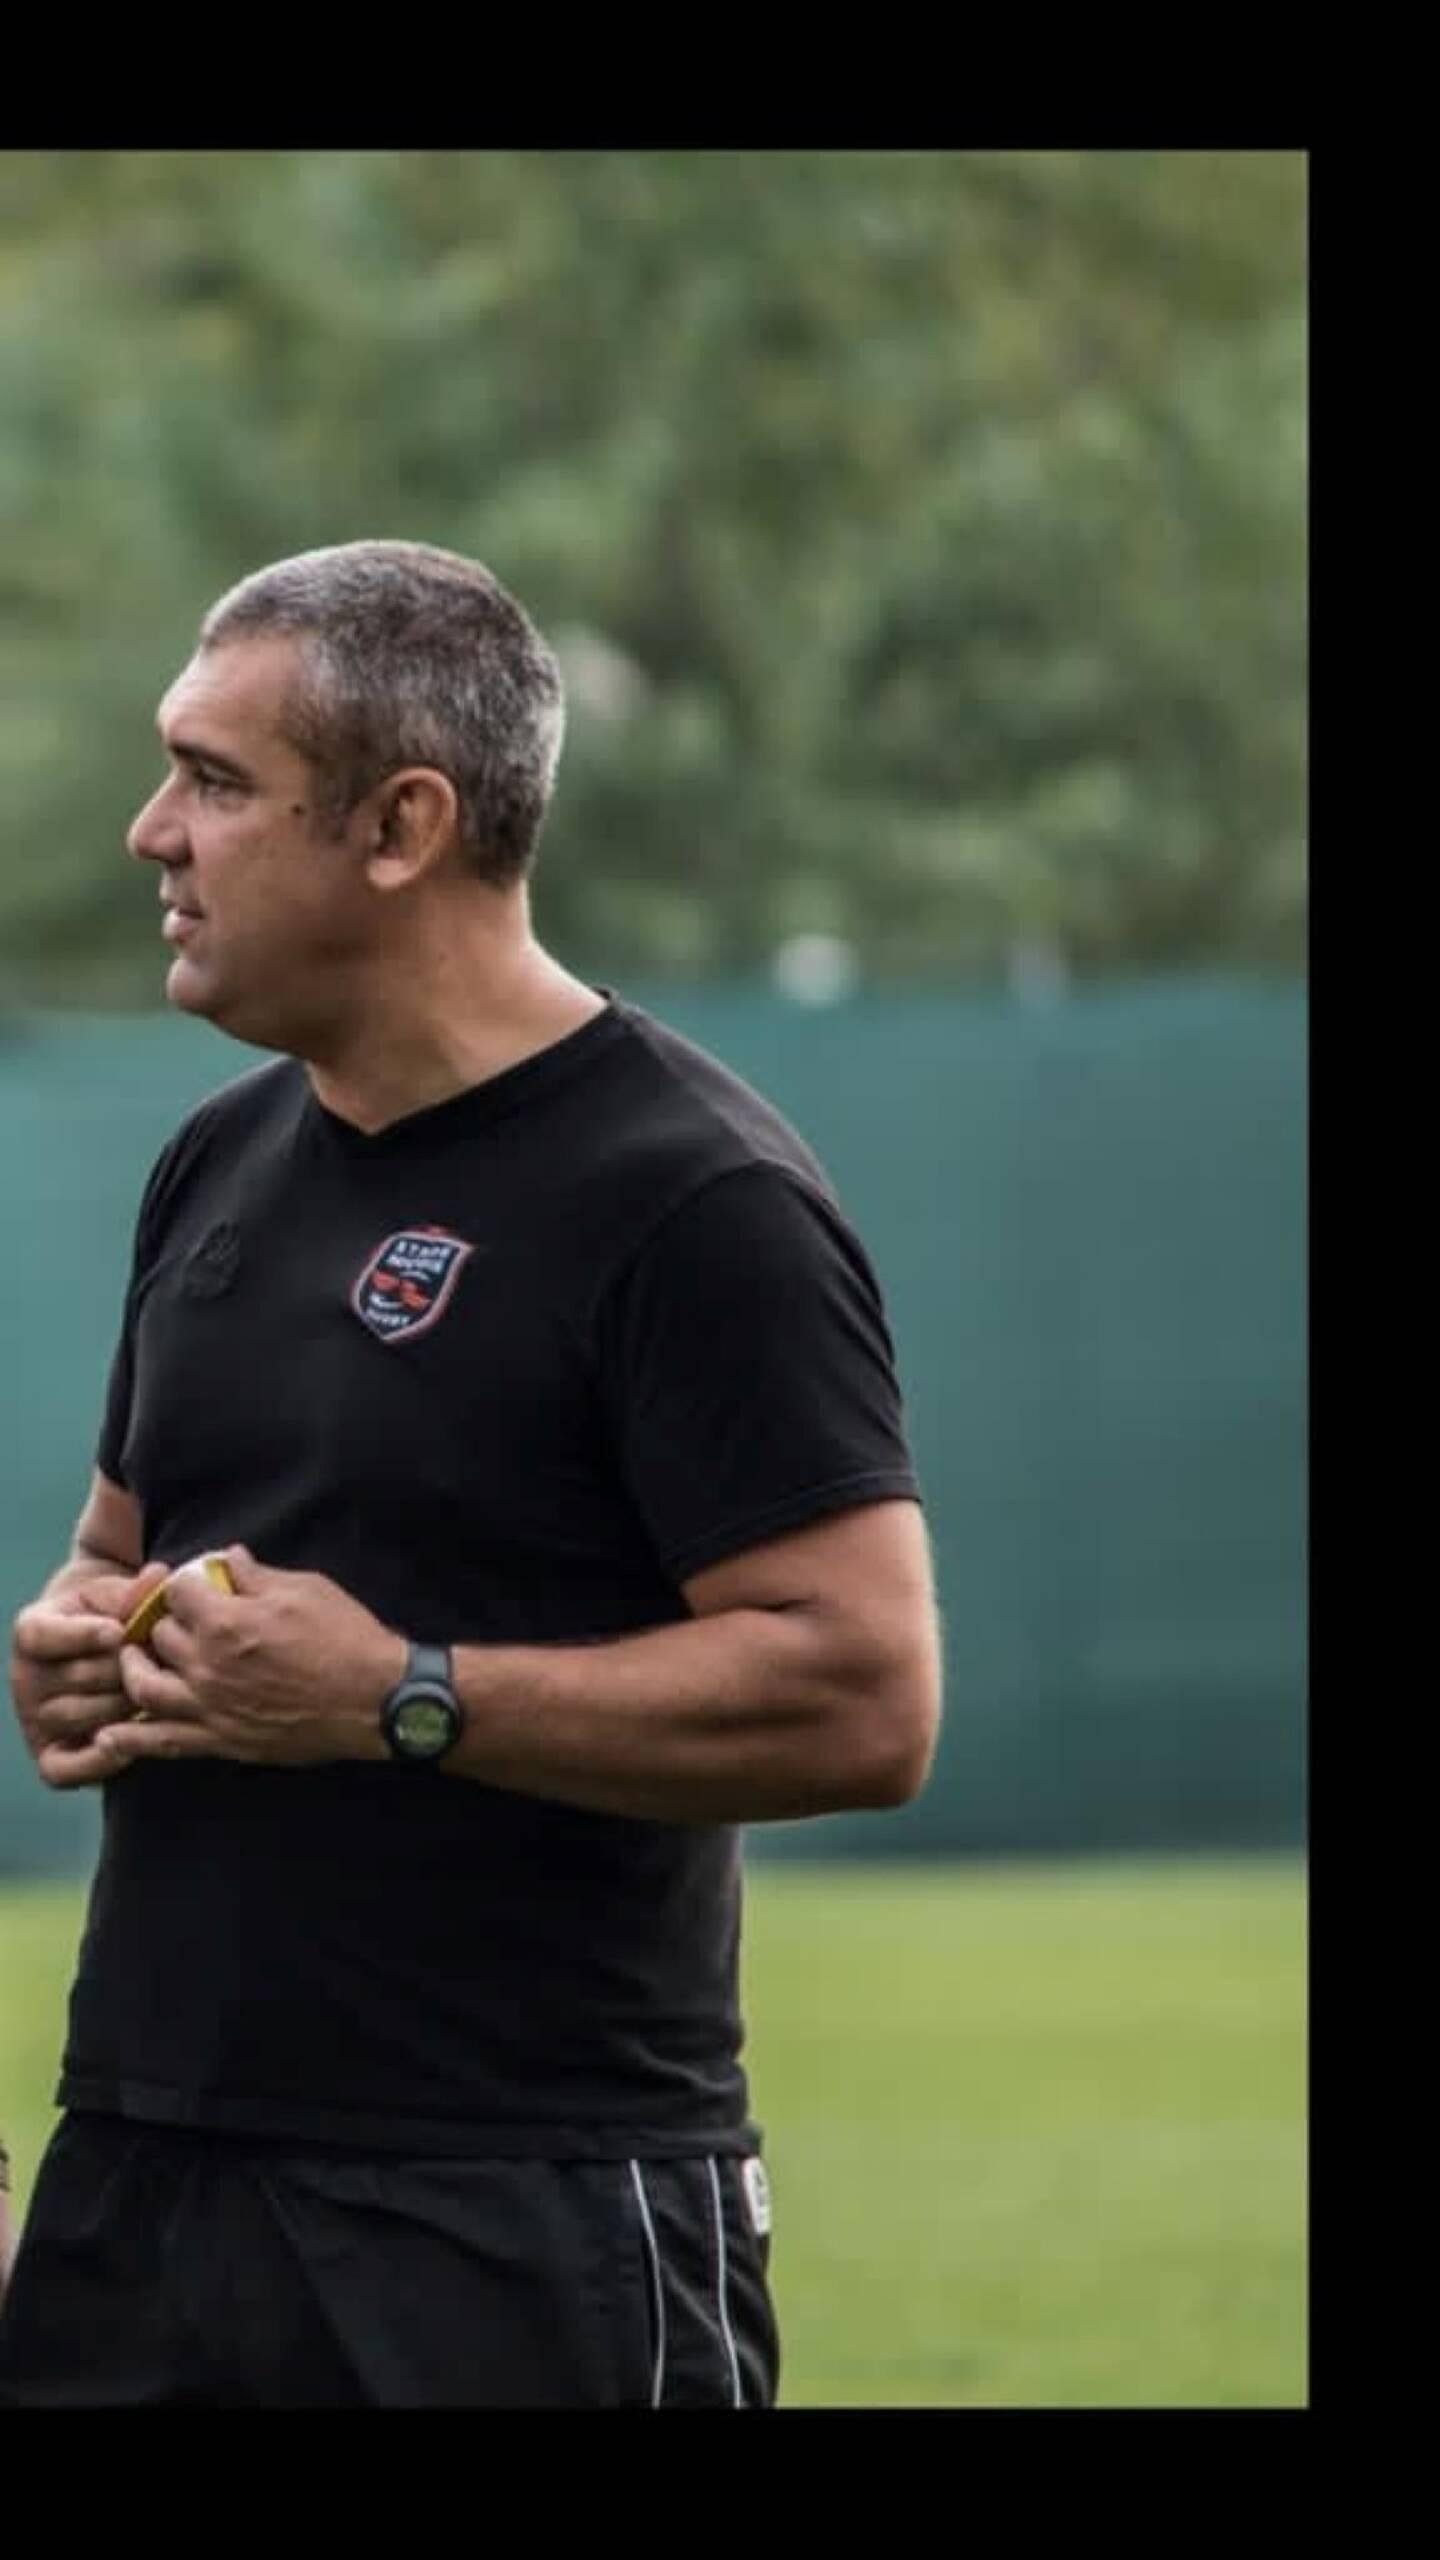 Nicolas Bonnet dirigera l'équipe fanion du Rugby Olympique de Grasse la saison prochaine. (Photo DR)